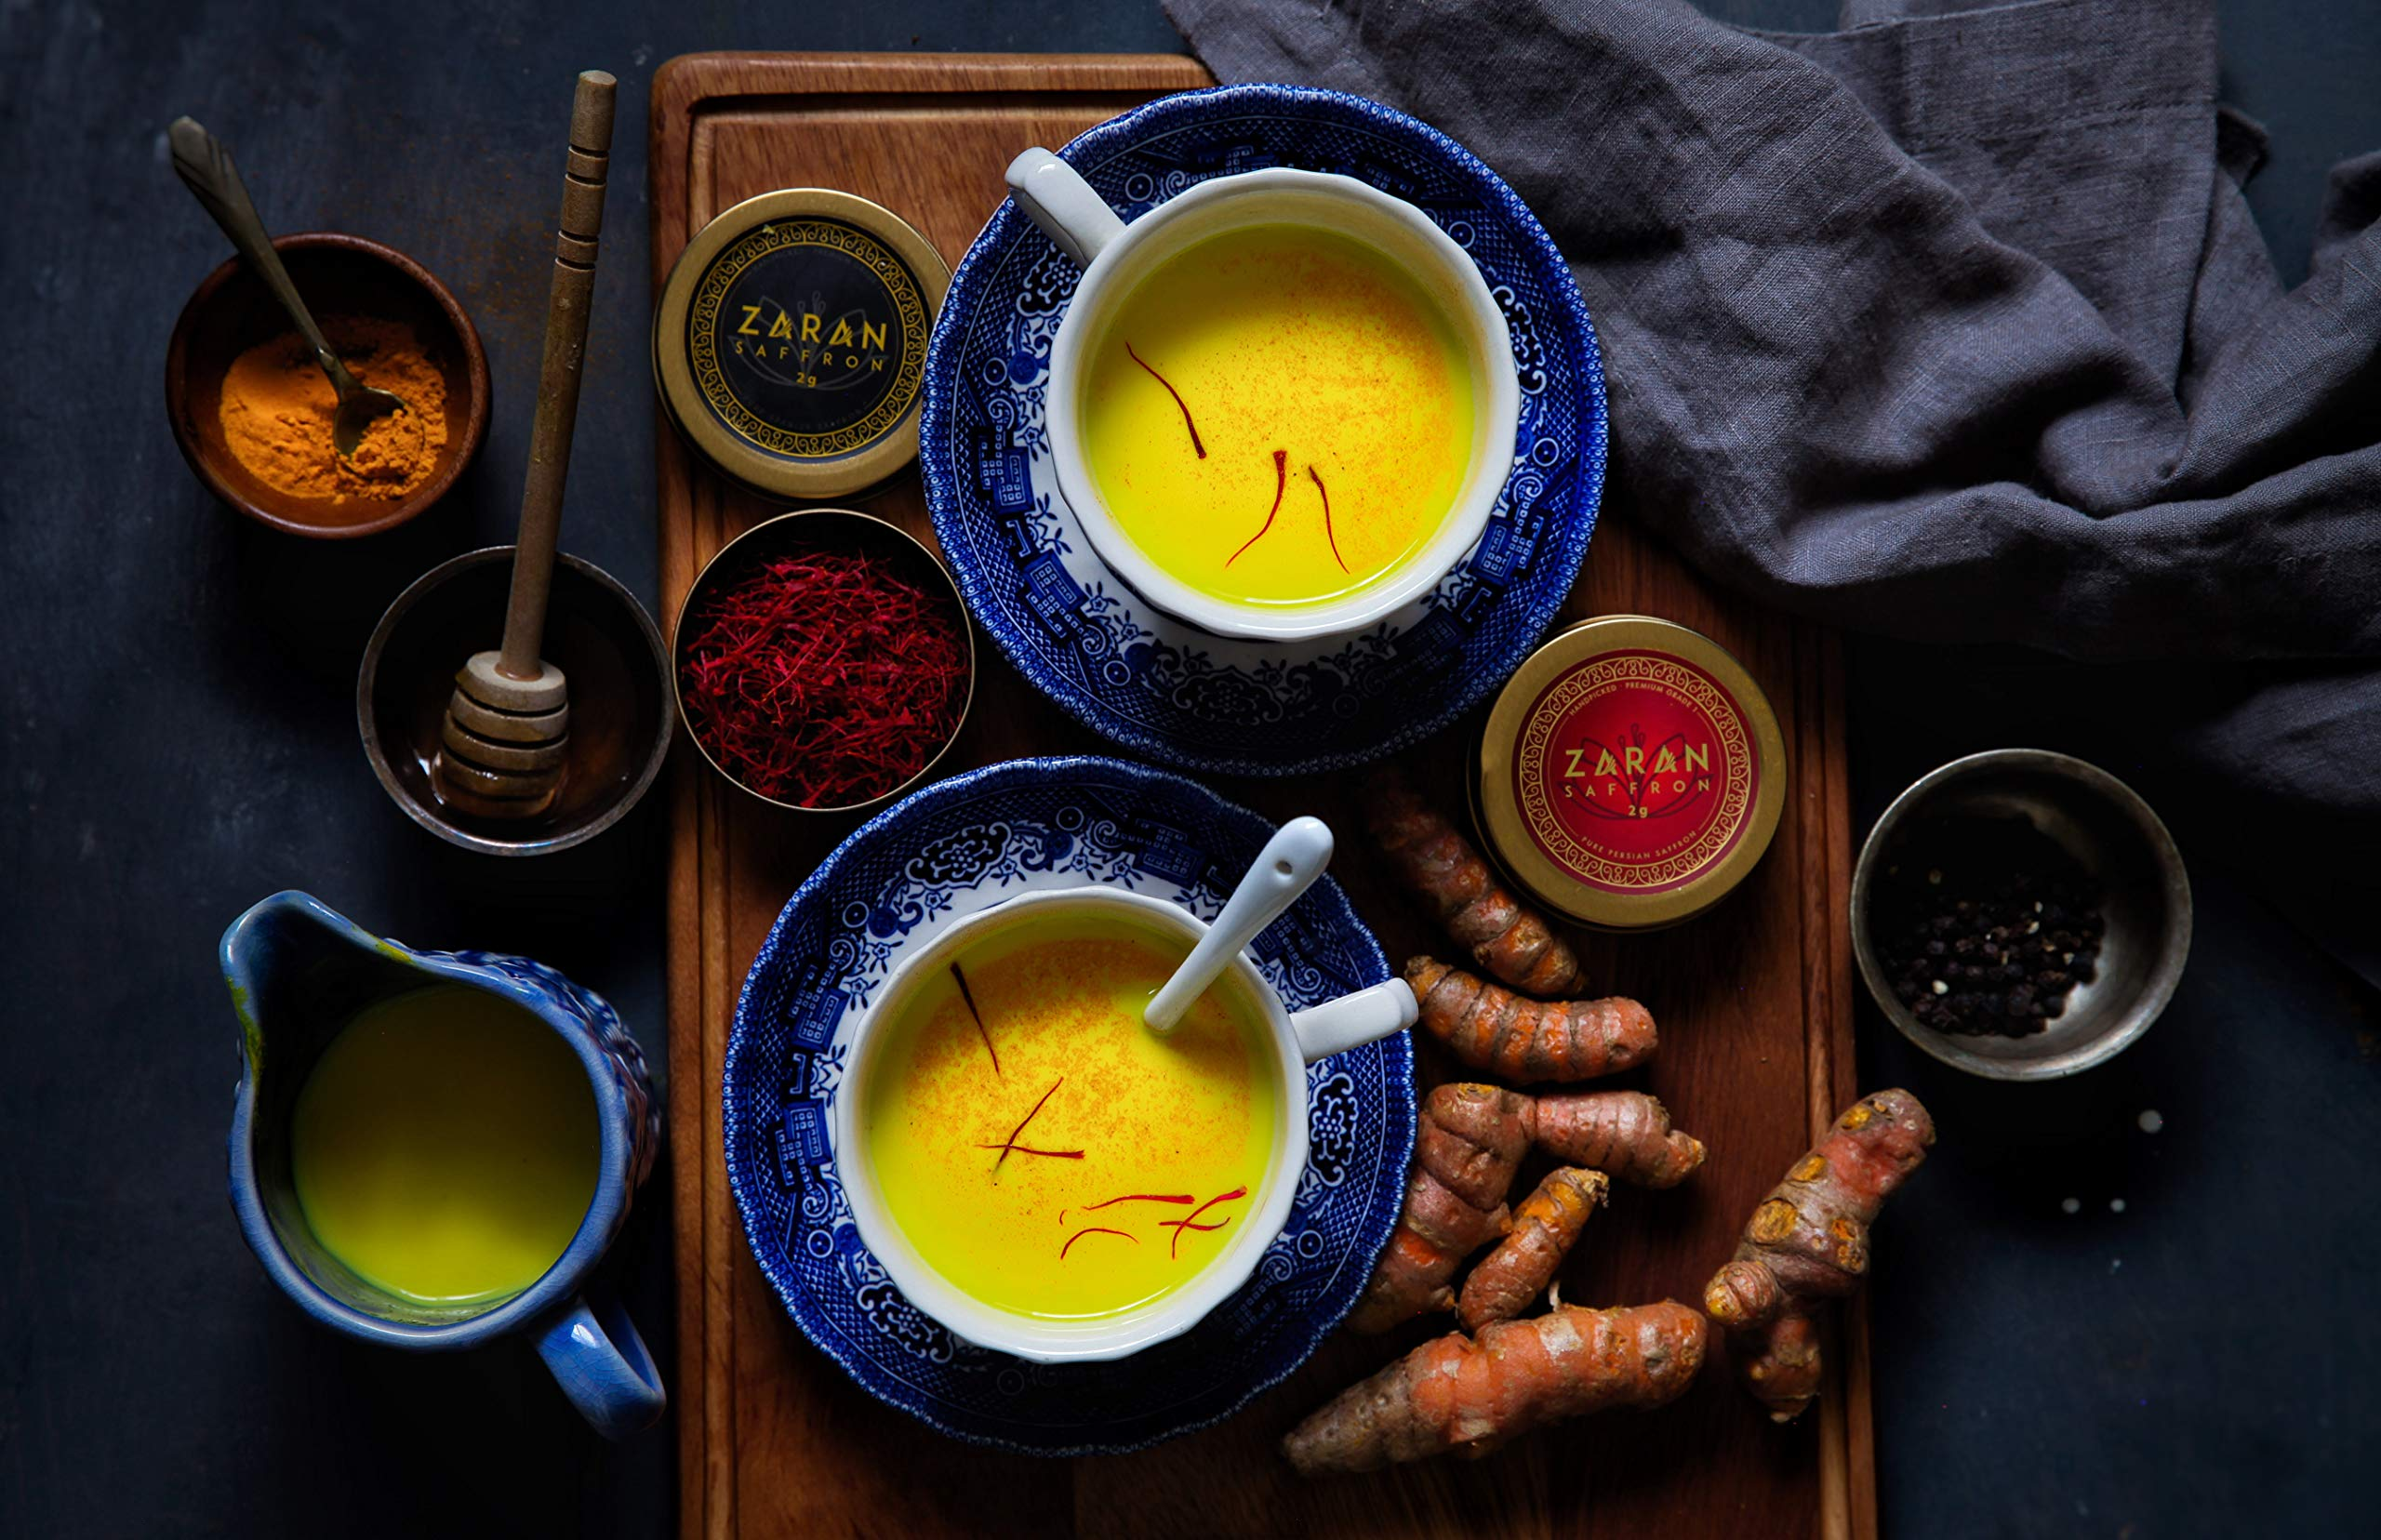 Zaran Saffron, Superior Saffron Threads (Premium) All-Red Saffron Spice for your Paella, Risotto, Persian Tea, Persian Rice, and Golden Milk) (Spanish (Coupe), 2 Grams)